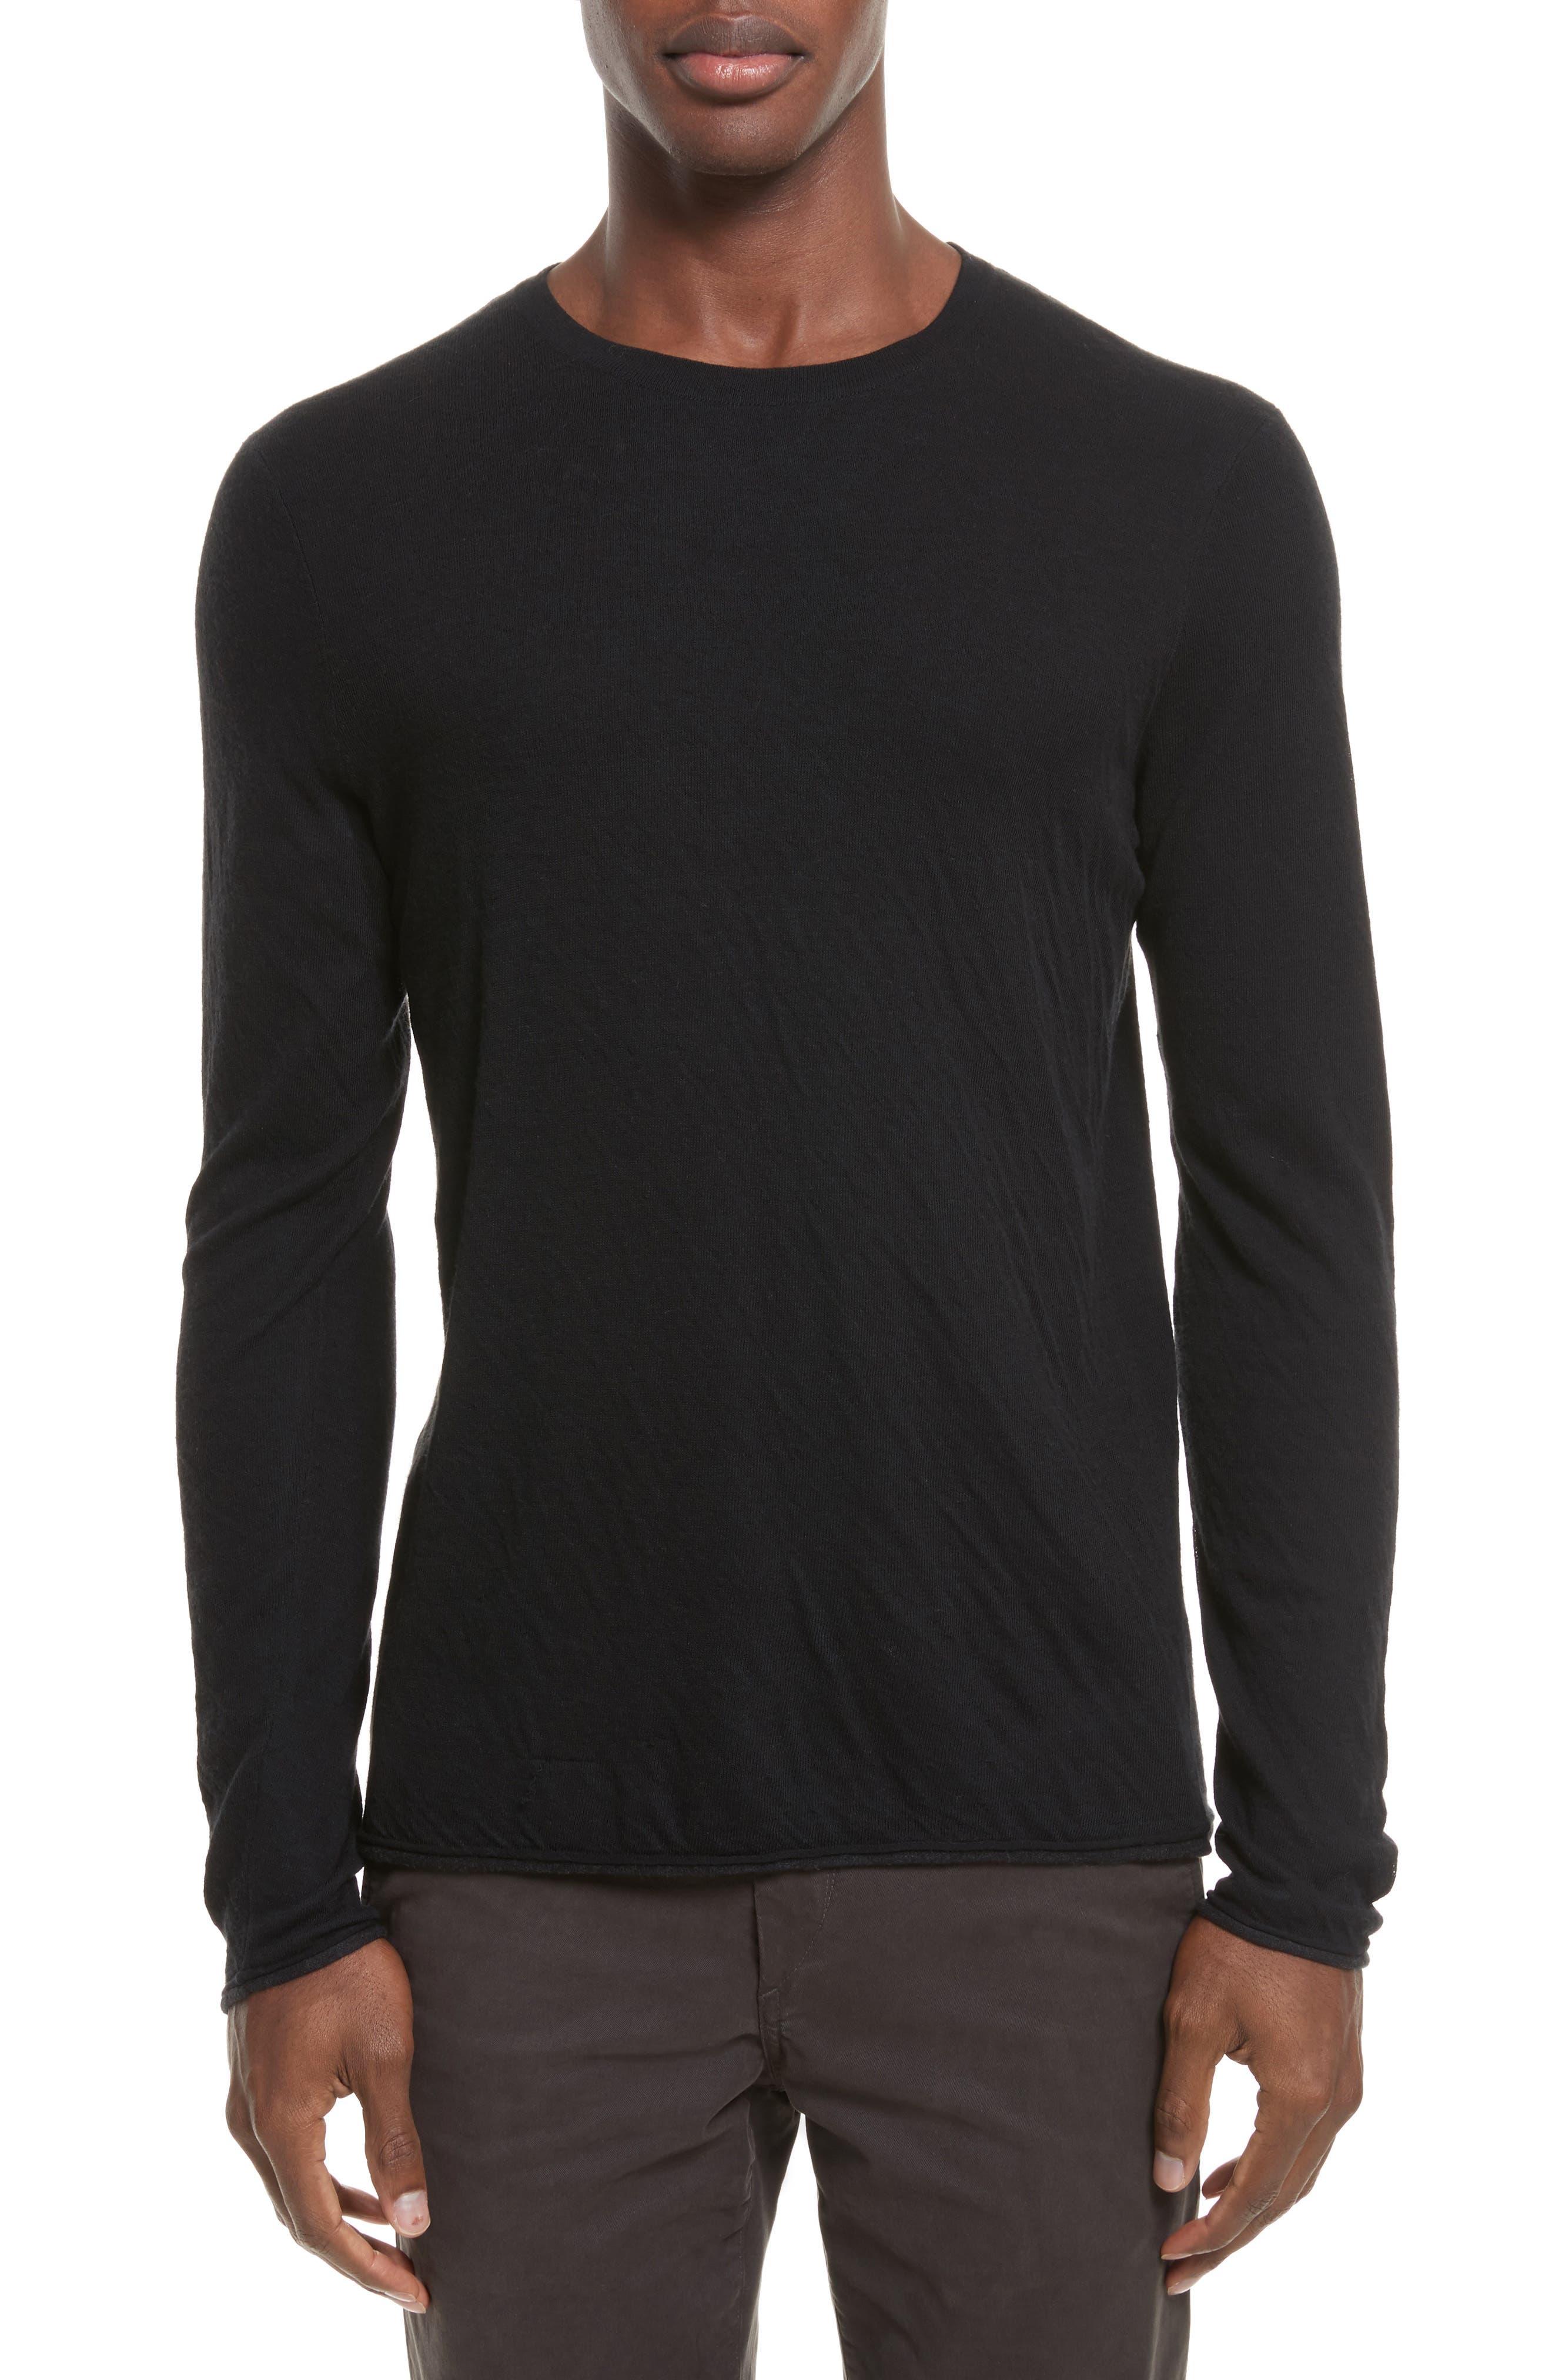 Tripp Crewneck Sweater,                         Main,                         color, Black